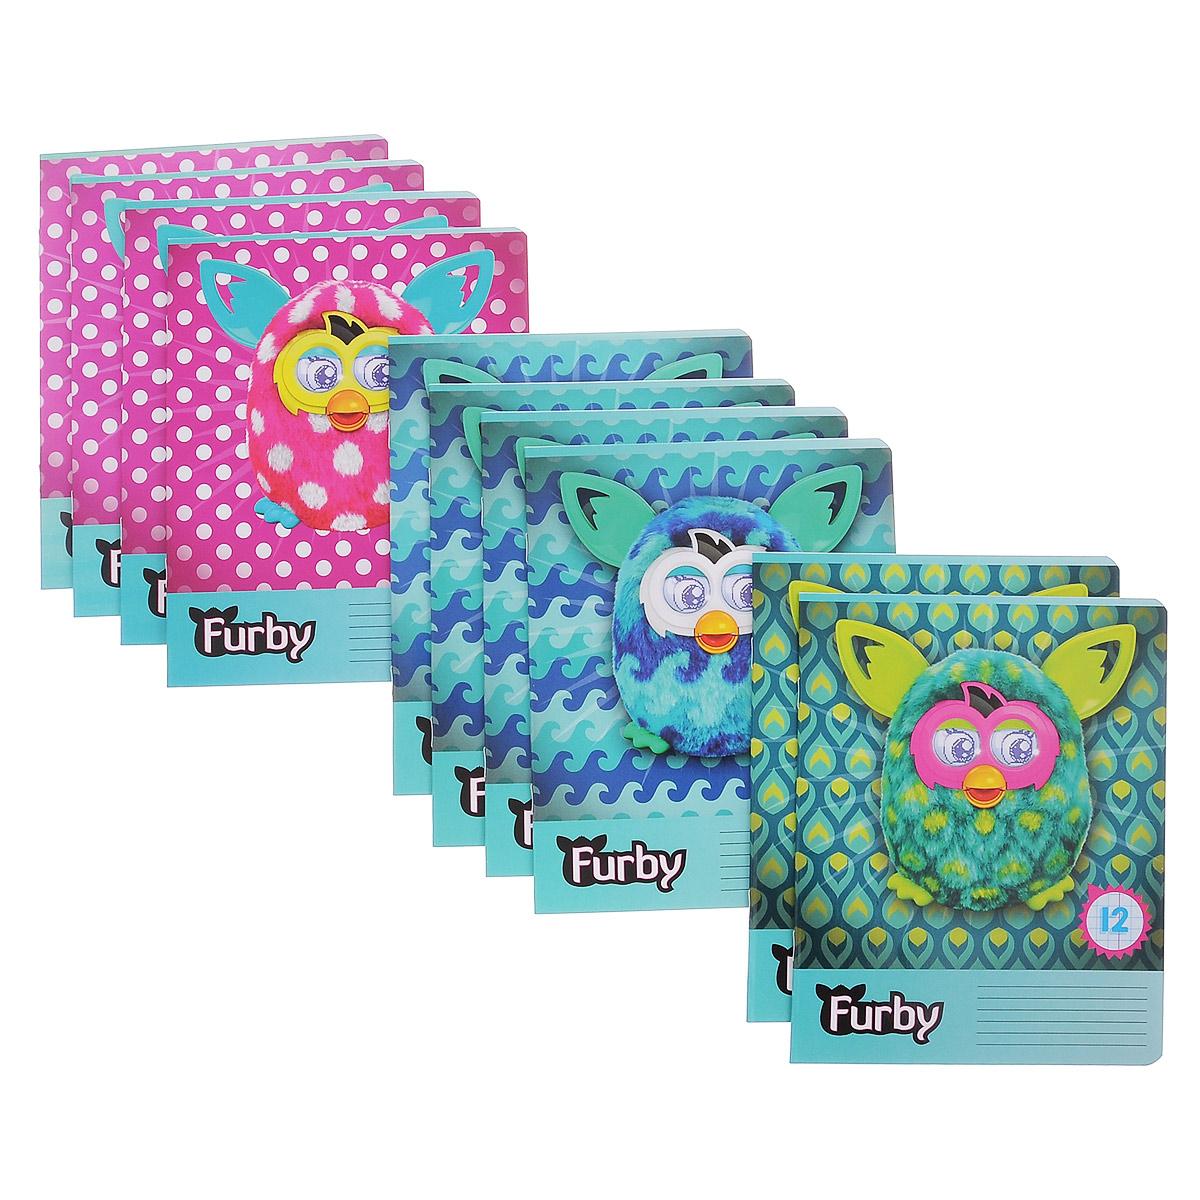 Набор тетрадей в клетку Furby, цвет: бирюзовый, розовый, 12 листов, 10 шт. FB39/5FB39/5_Вид 1Комплект тетрадей Furby включает в себя 10 тетрадей в клетку по 12 листов. Обложка каждой тетради оформлена изображением игрушек Furby. На задней обложке каждой тетради представлена таблица умножения. Внутренний блок тетрадей состоит из 12 листов белой бумаги, соединенных скрепками. Стандартная линовка в клетку дополнена полями, совпадающими с лицевой и оборотной стороны листа. В наборе представлены тетради с тремя вариантами изображений Furby.